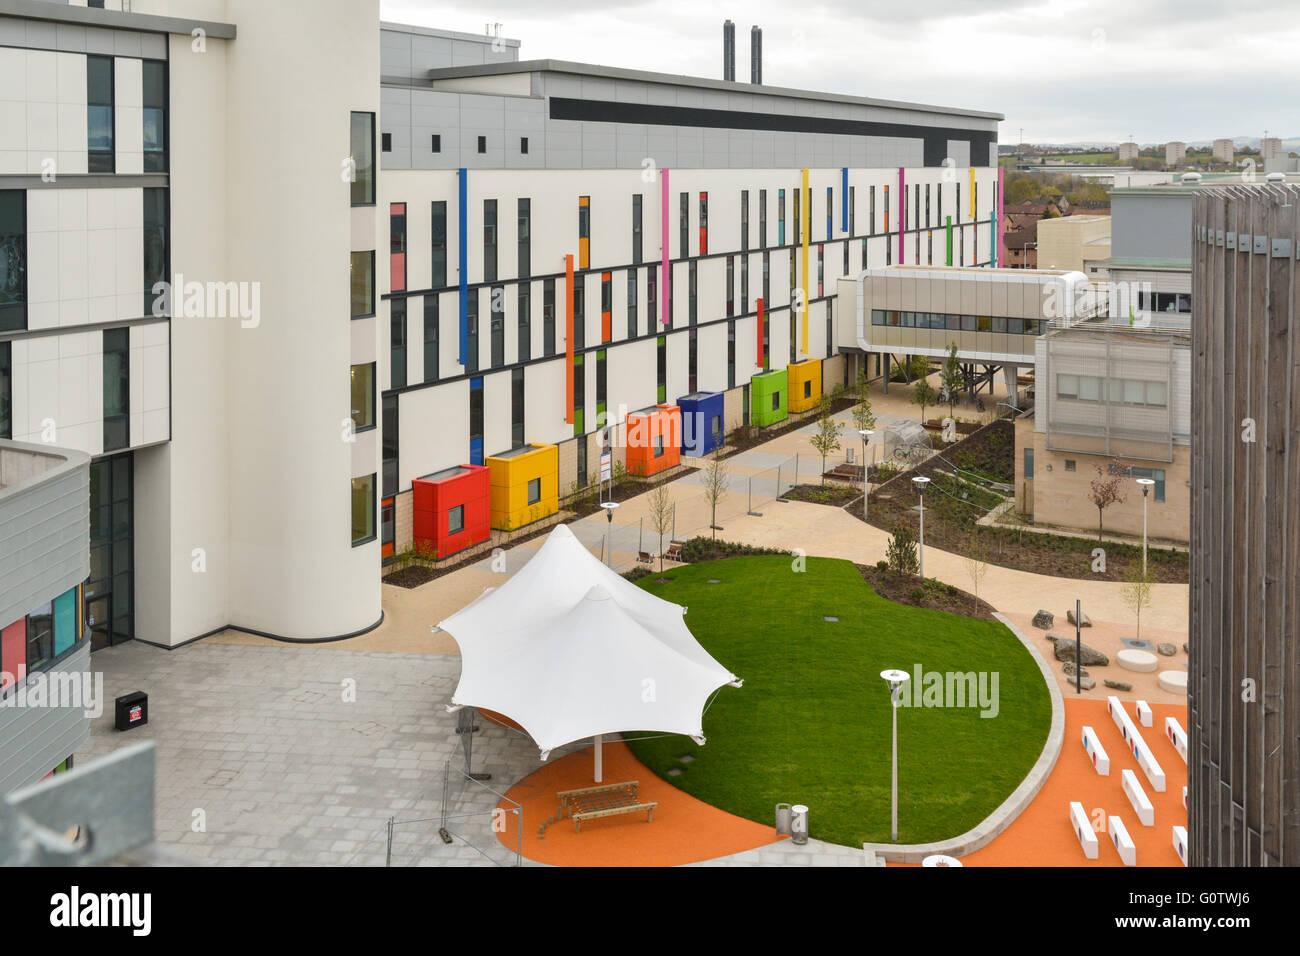 Das Royal Hospital für Kinder - Teil des neuen super-Krankenhauses in Glasgow - bunte außen und außen Stockbild